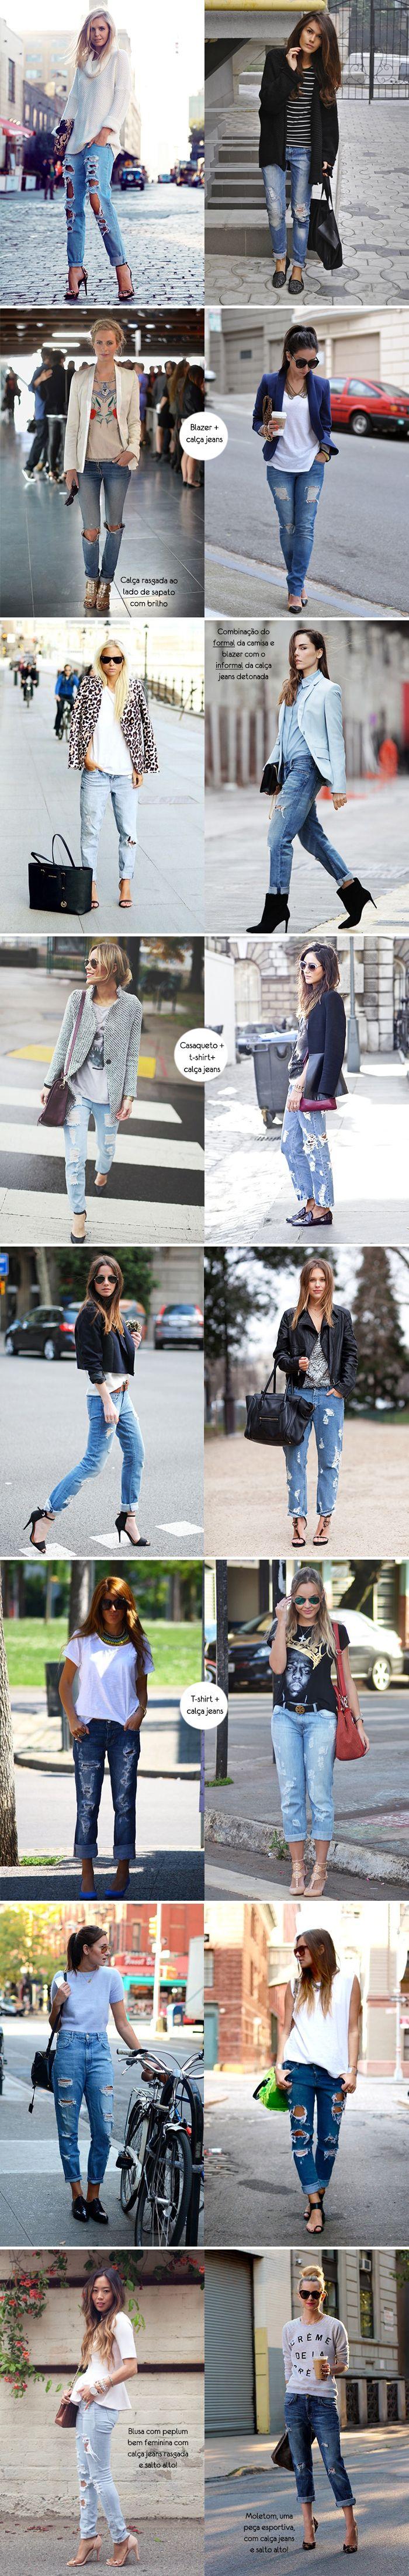 Inspiração como usar look calça jeans detonada / destroyed